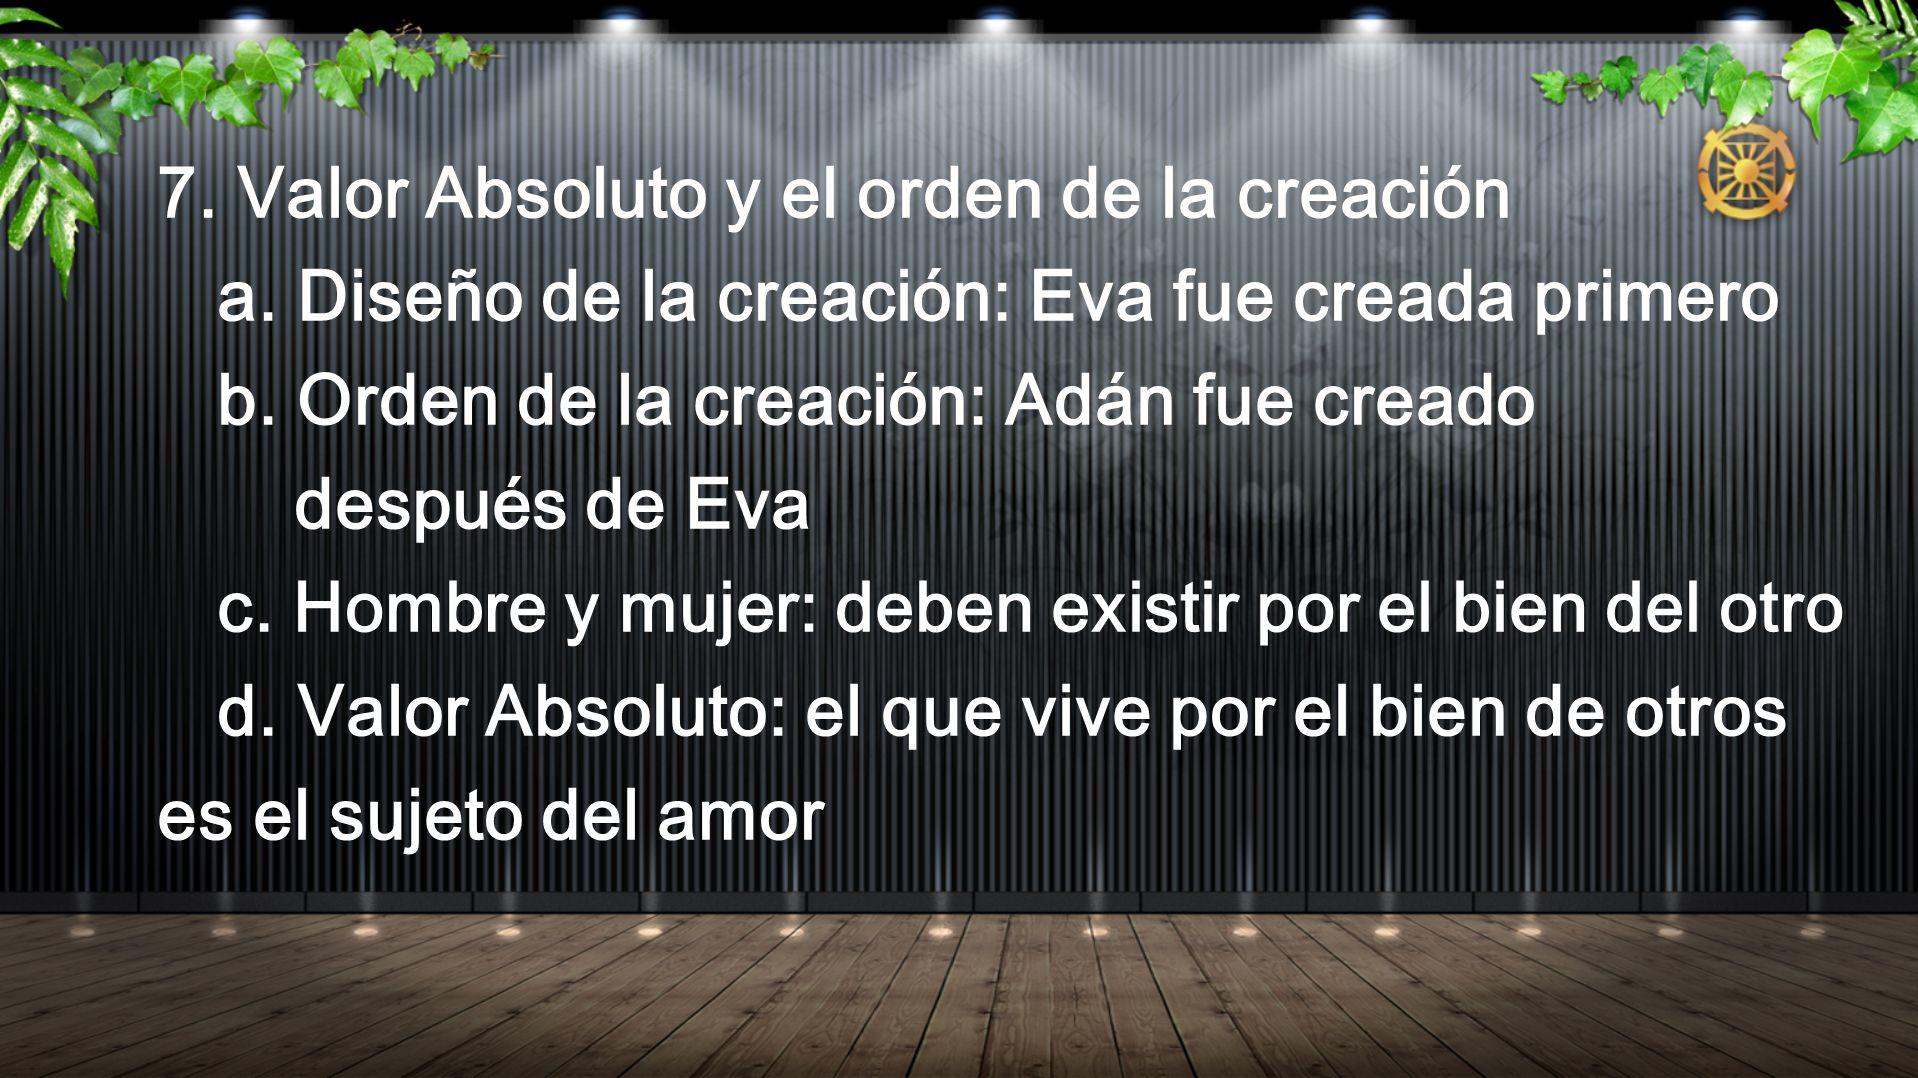 7. Valor Absoluto y el orden de la creación a. Diseño de la creación: Eva fue creada primero b. Orden de la creación: Adán fue creado después de Eva c